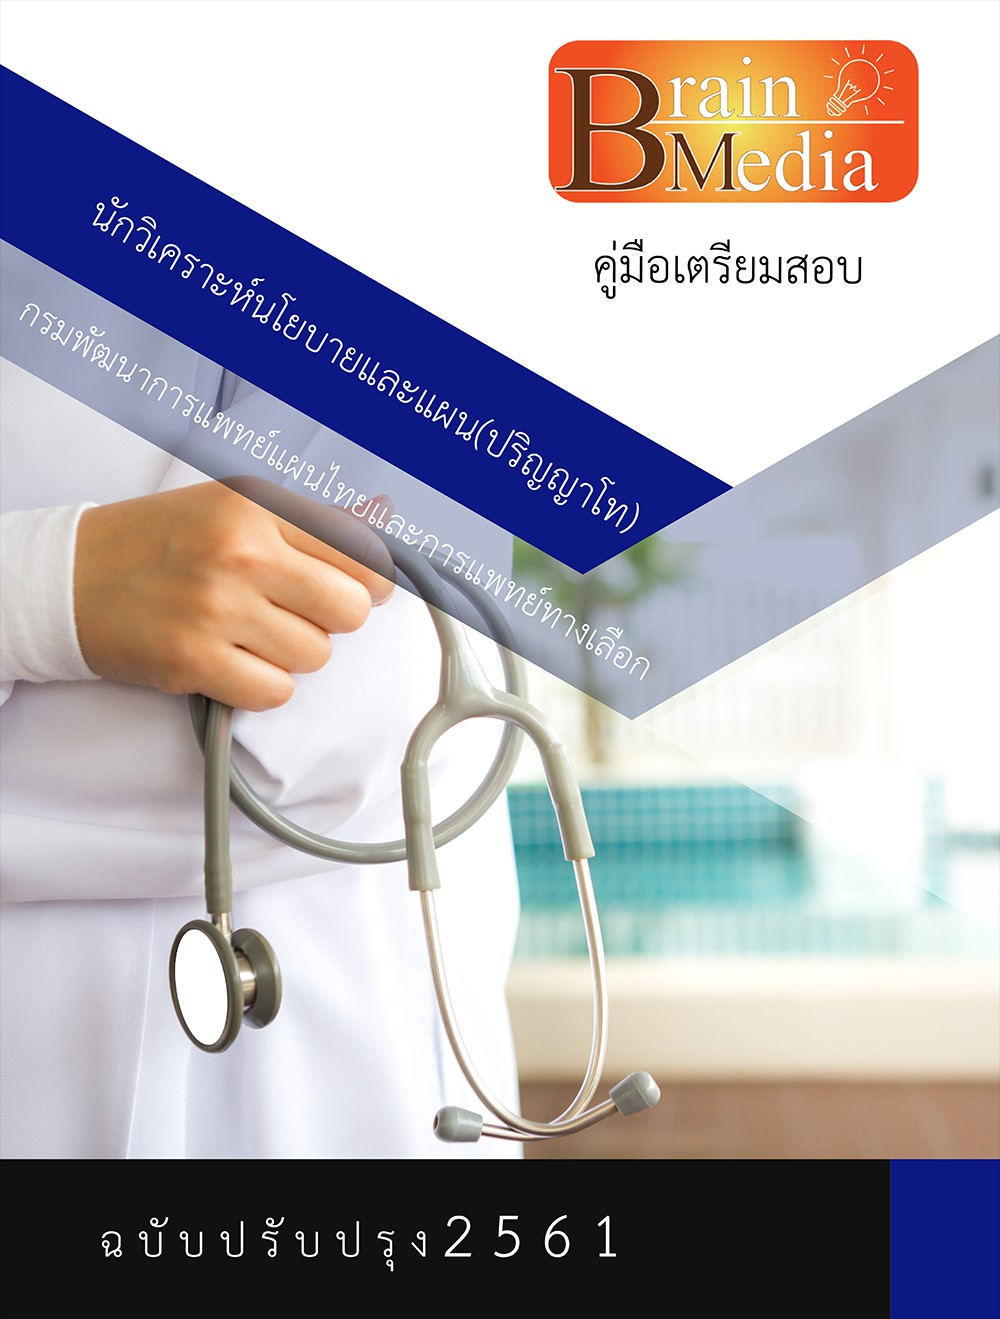 แนวข้อสอบ นักวิเคราะห์นโยบายและแผน(ปริญญาโท) กรมพัฒนาการแพทย์แผนไทยและการแพทย์ทางเลือก